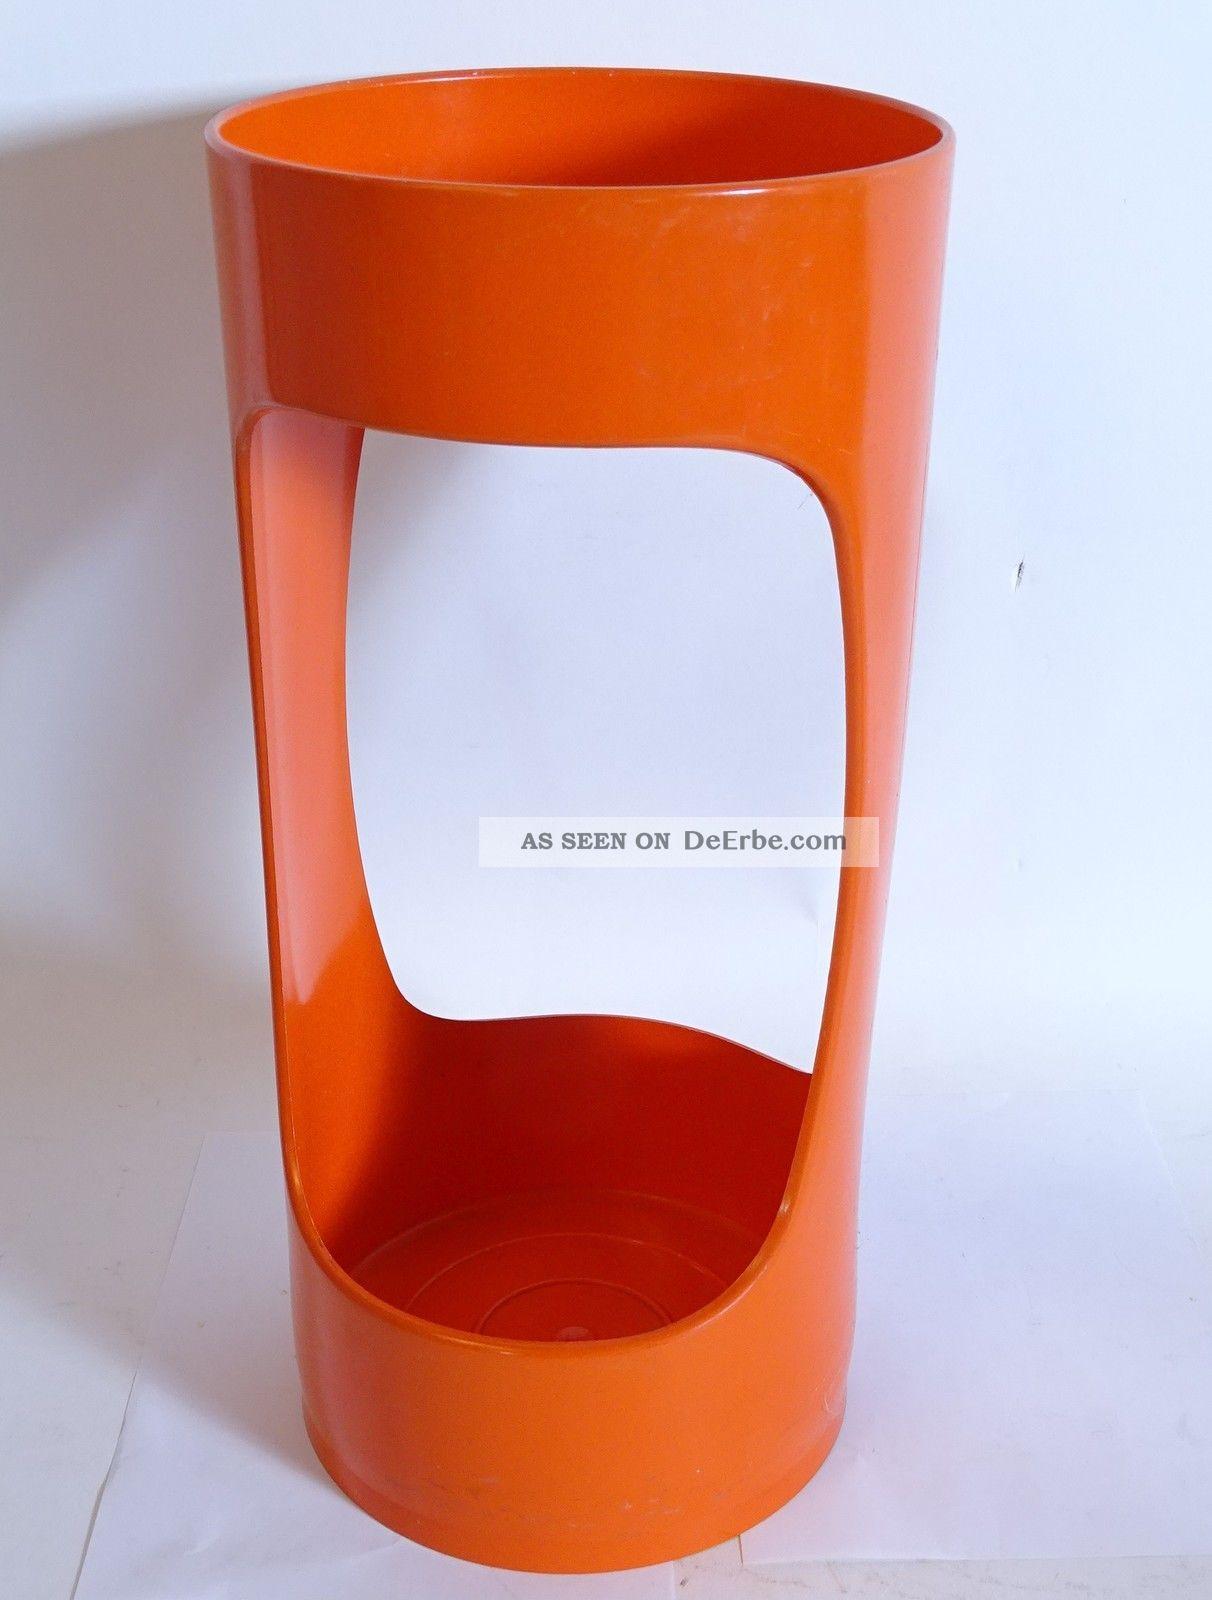 70er Jahre Schönbuch Design Schirmständer Lack Orange Space Age Rarität 1970-1979 Bild